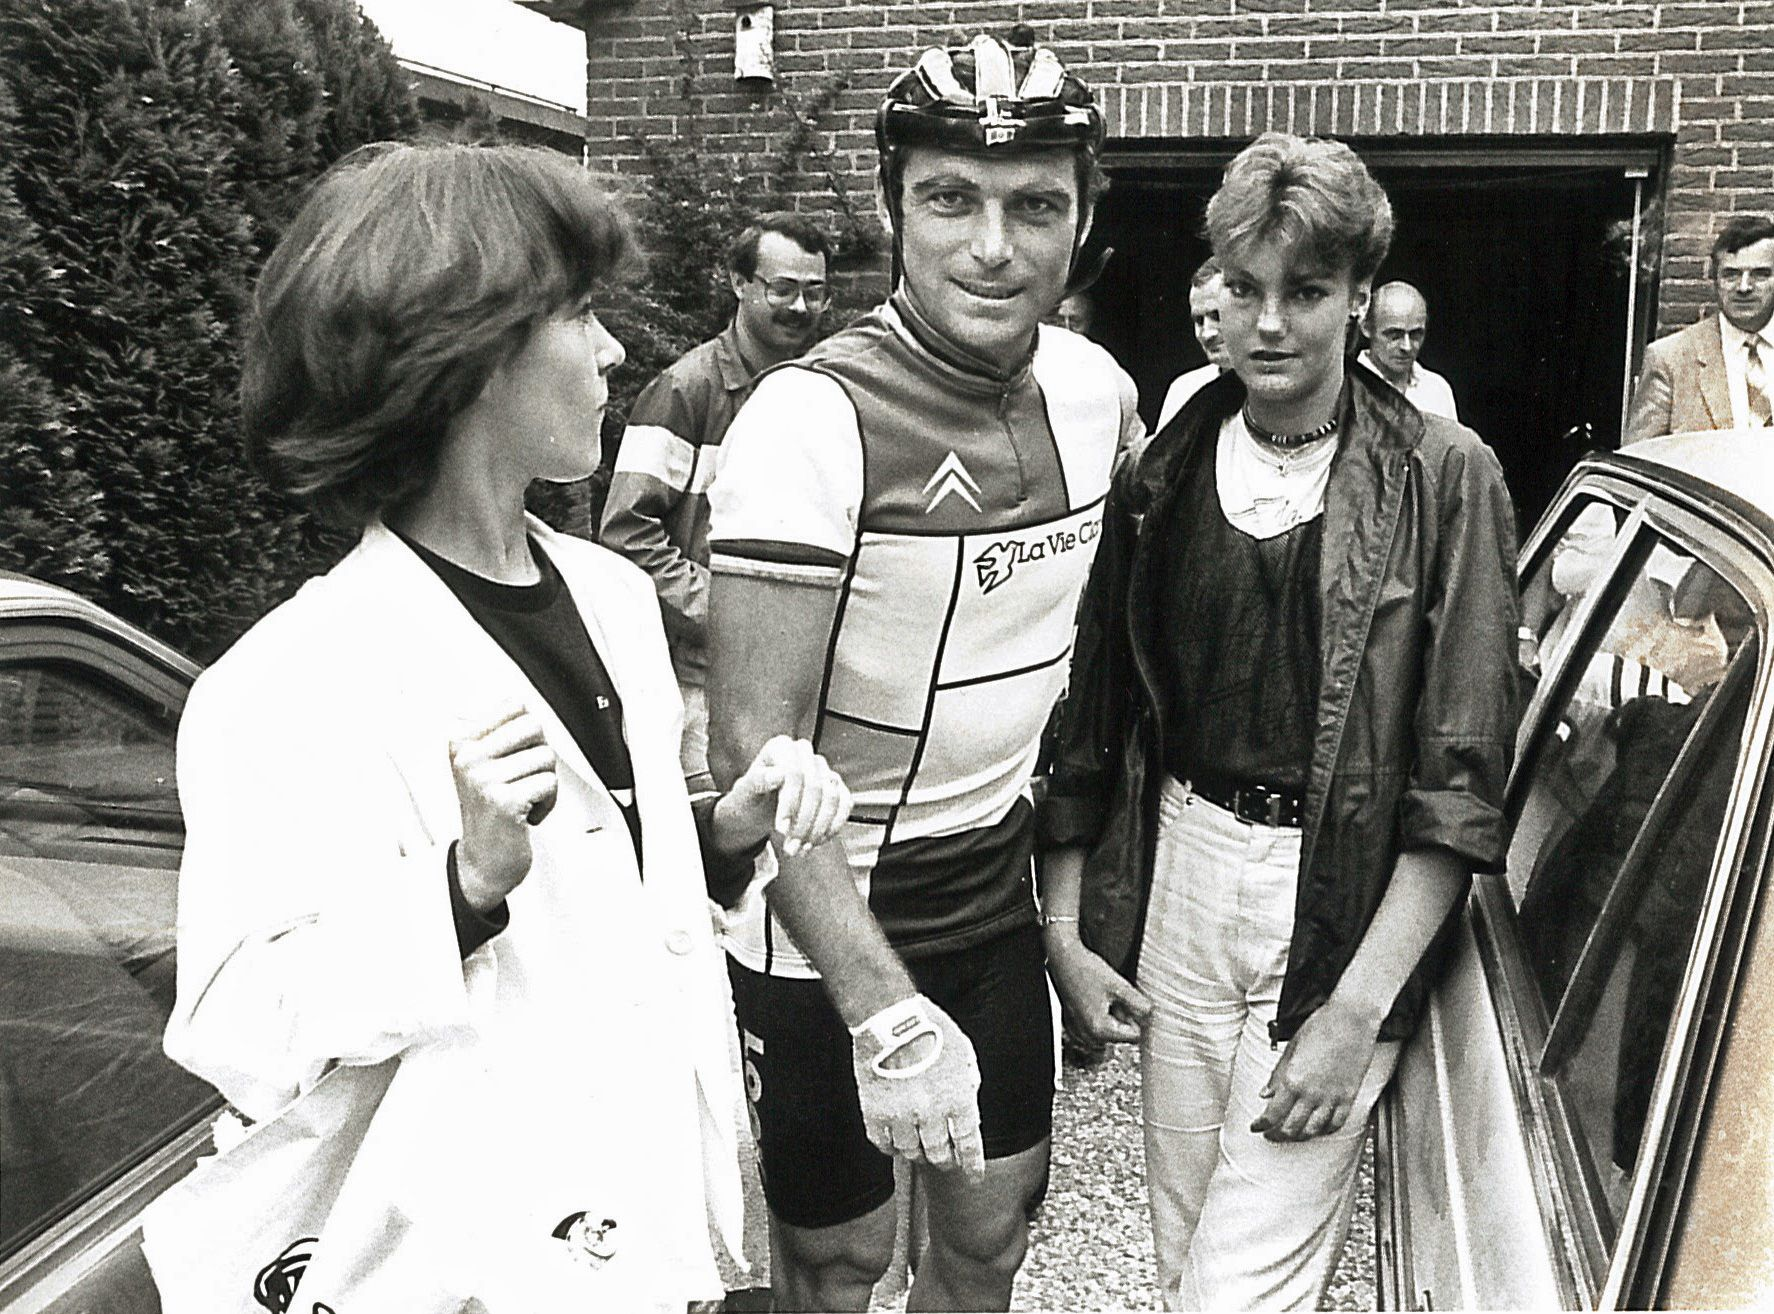 Meervoudig Tourwinnaar Bernard Hinault verscheen aan de start in 's-Heerenhoek. (Foto Archief Regenboogkoers)